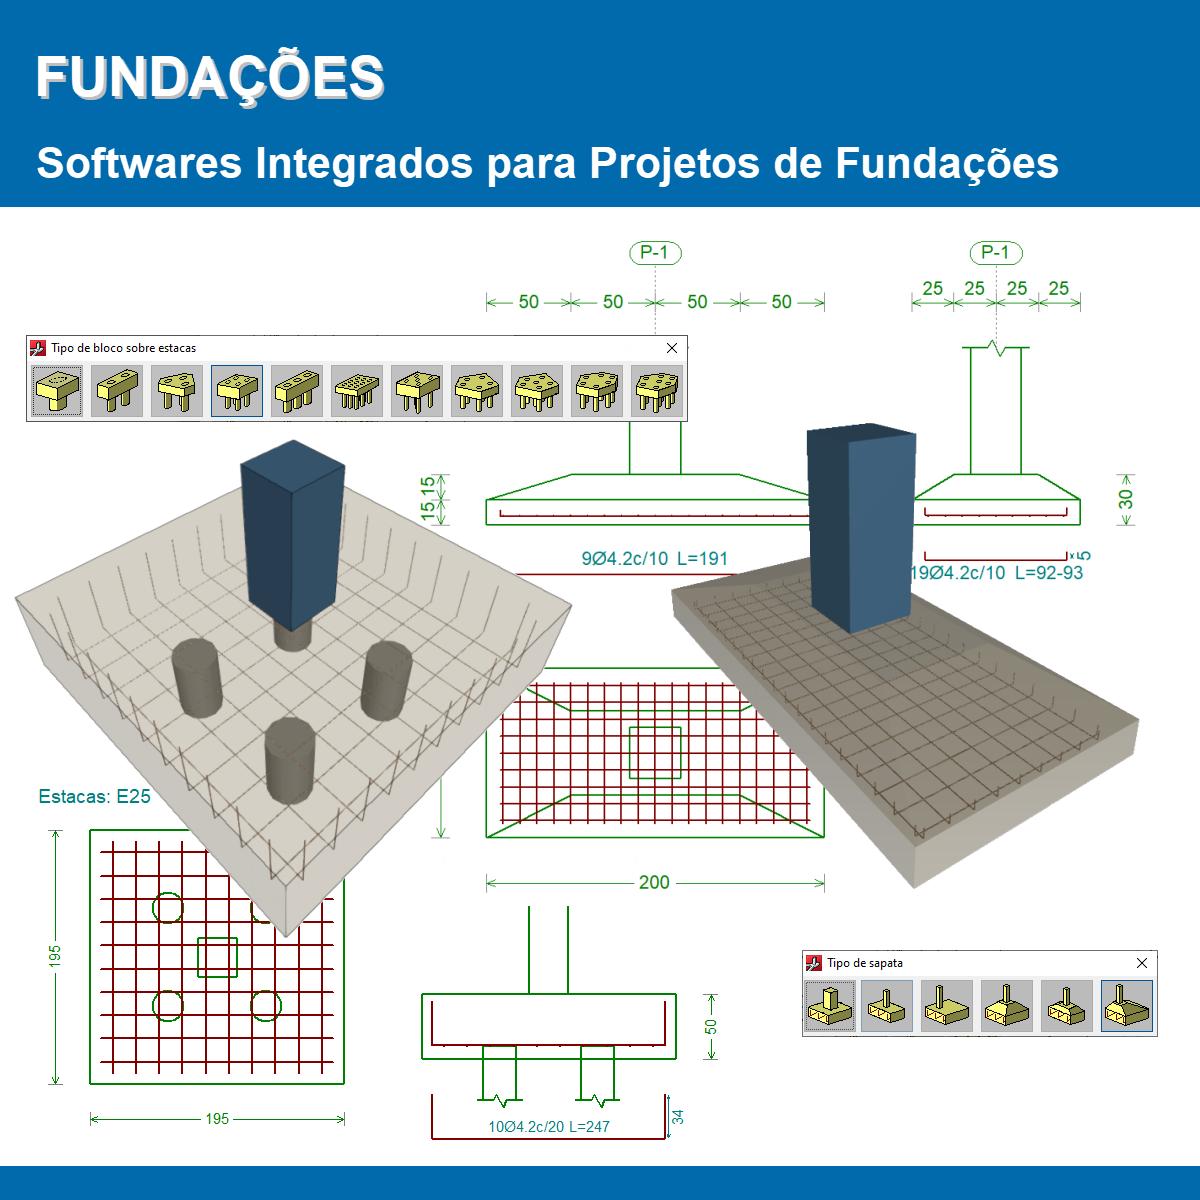 Software Fundações versão 2021 (Licença eletrônica) incluindo a modulação descrita em